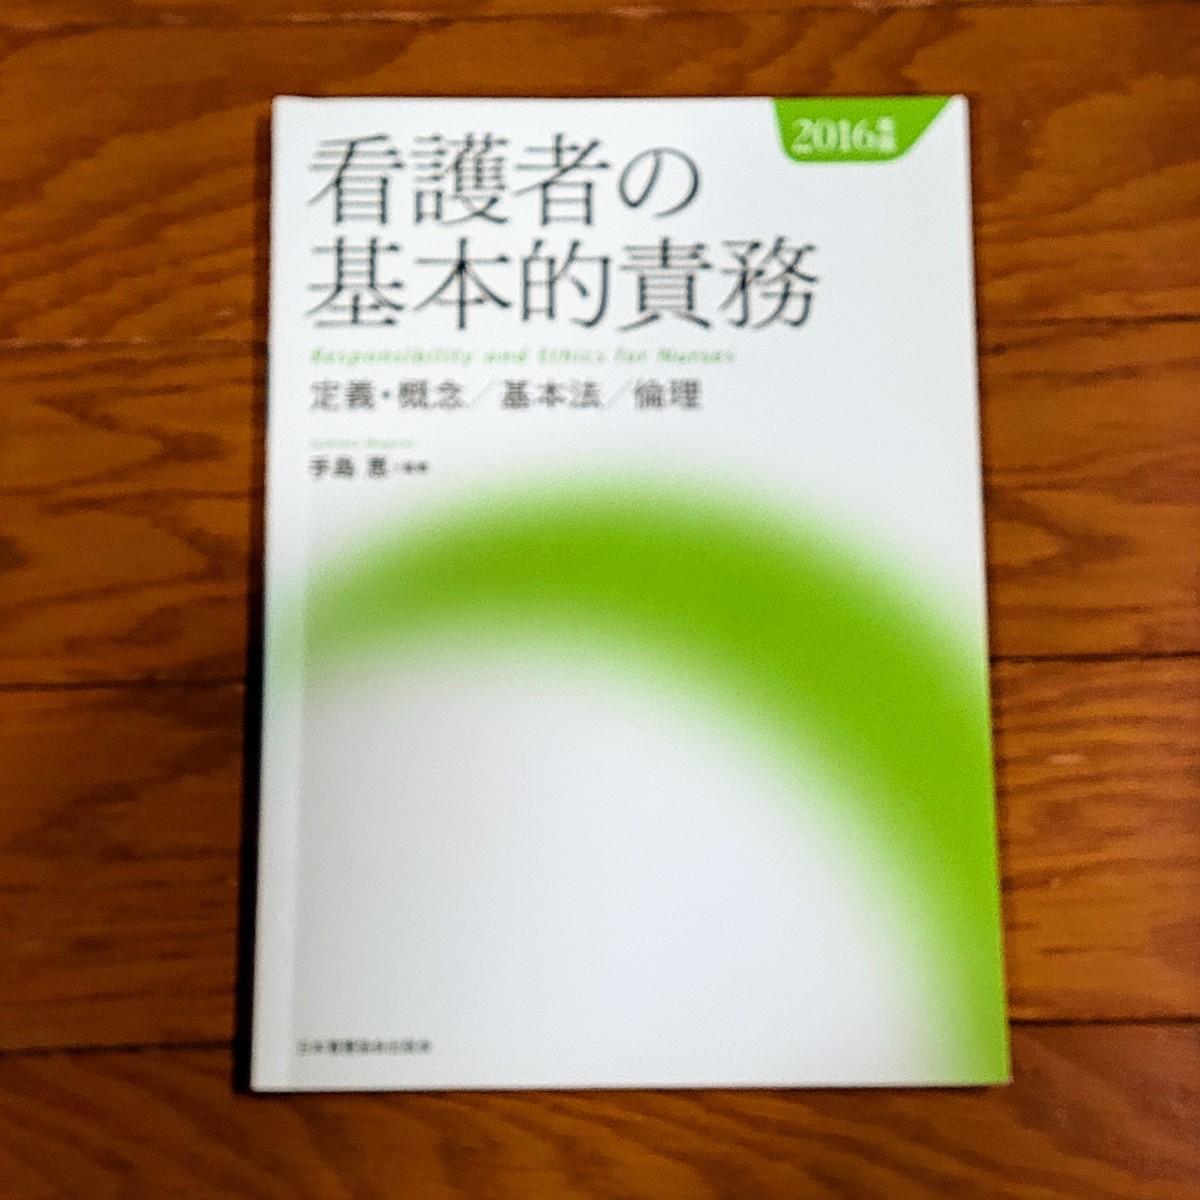 看護者の基本的責務 定義・概念/基本法/倫理 2016年版